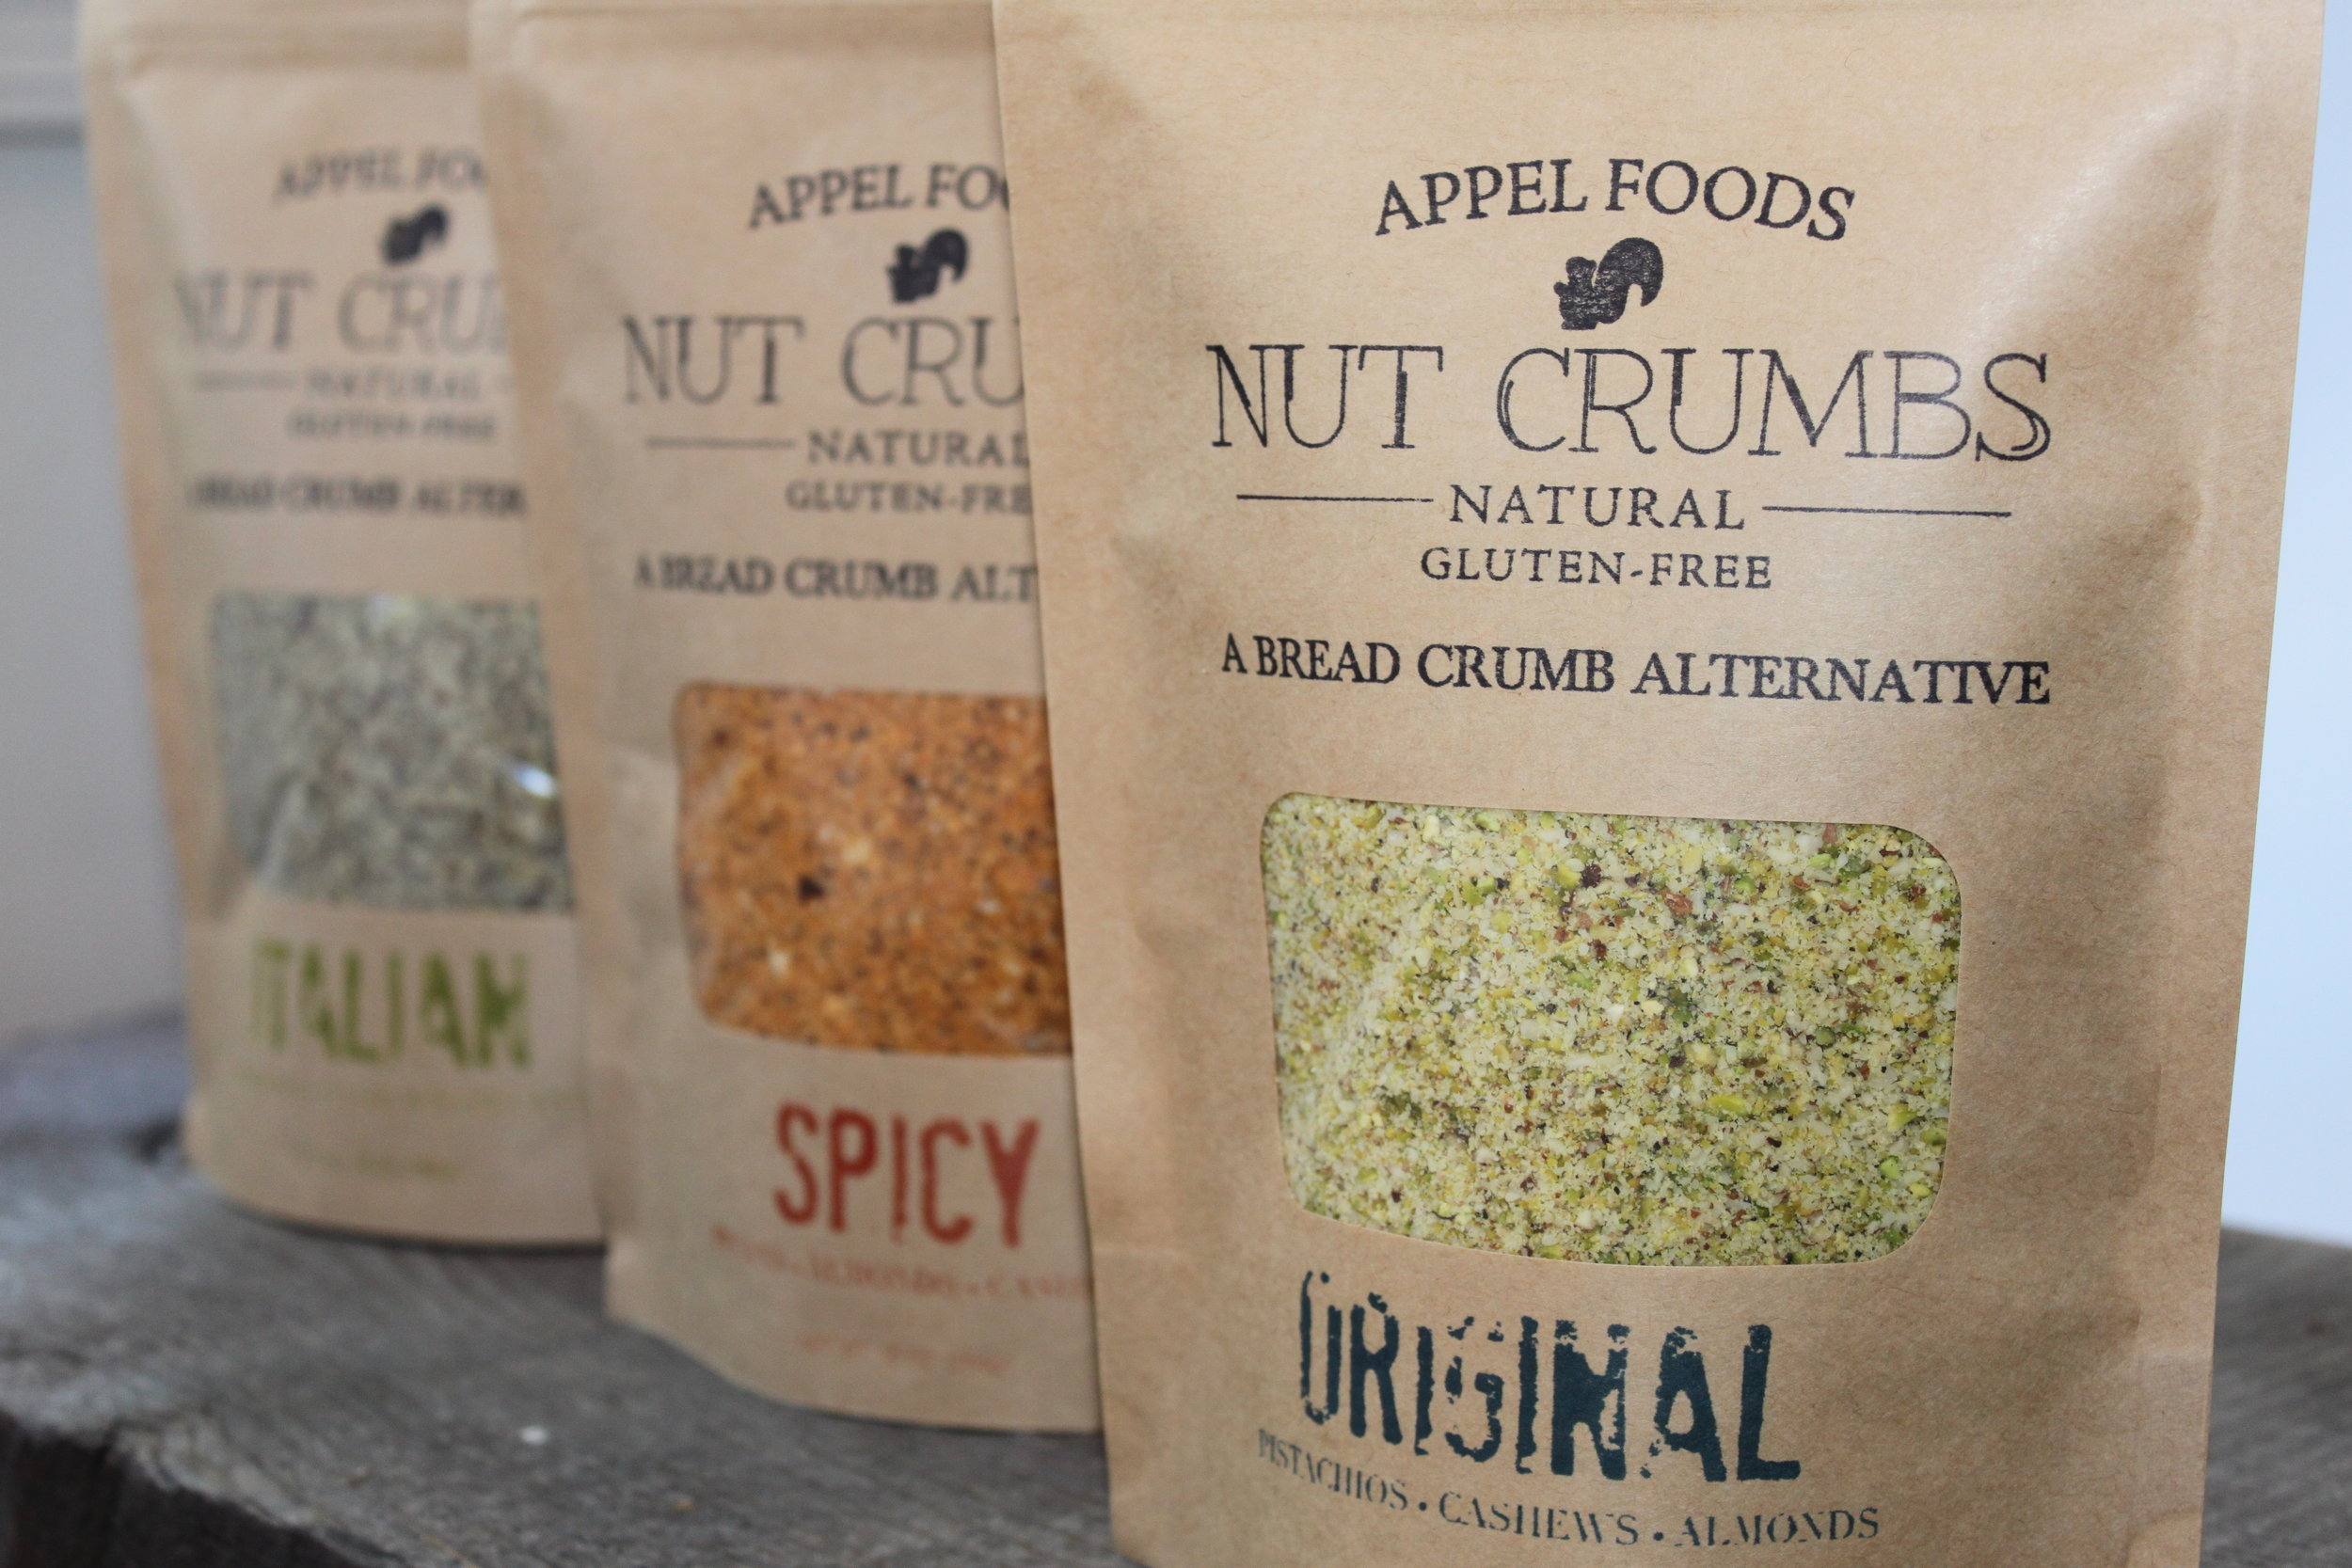 Farmers Market, Online Farmers Market, Gluten Free Bread Crumbs